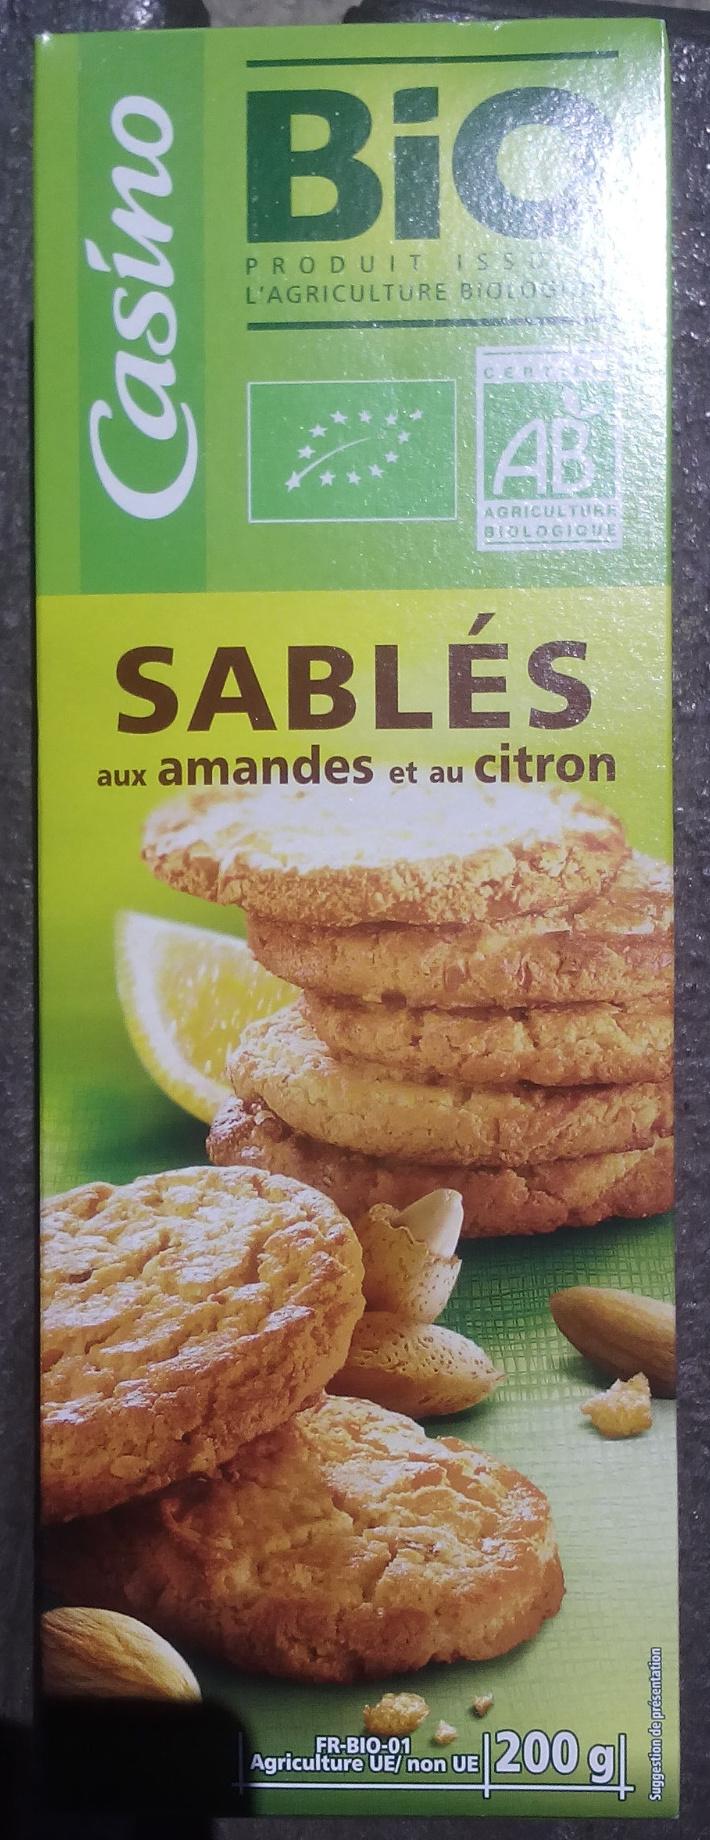 Sablés aux amandes et au citron - Product - fr